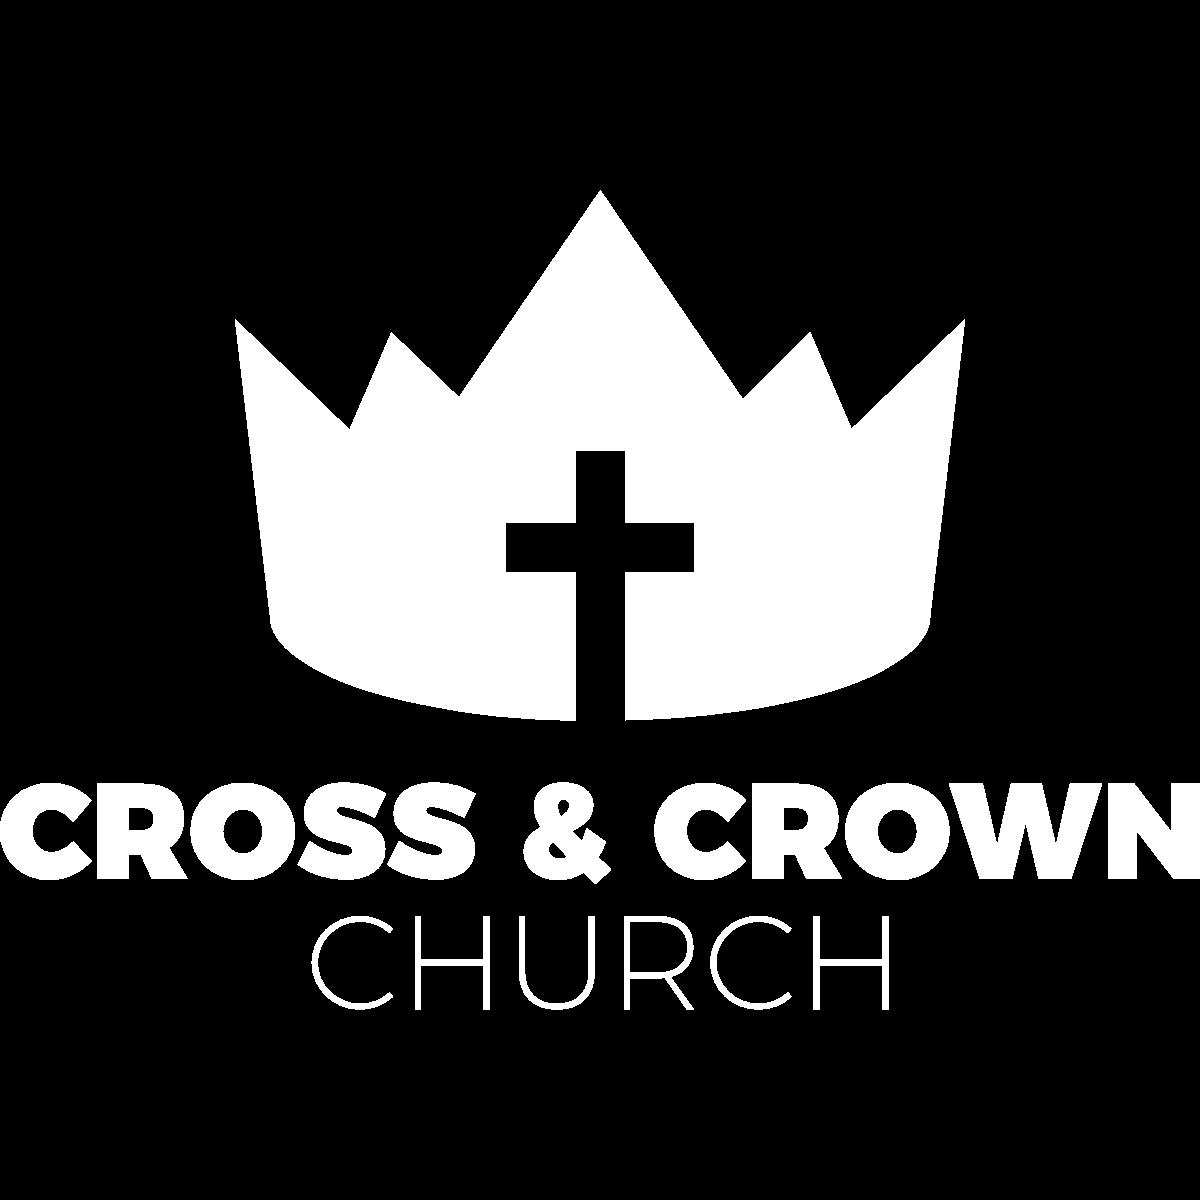 Cross & Crown Church